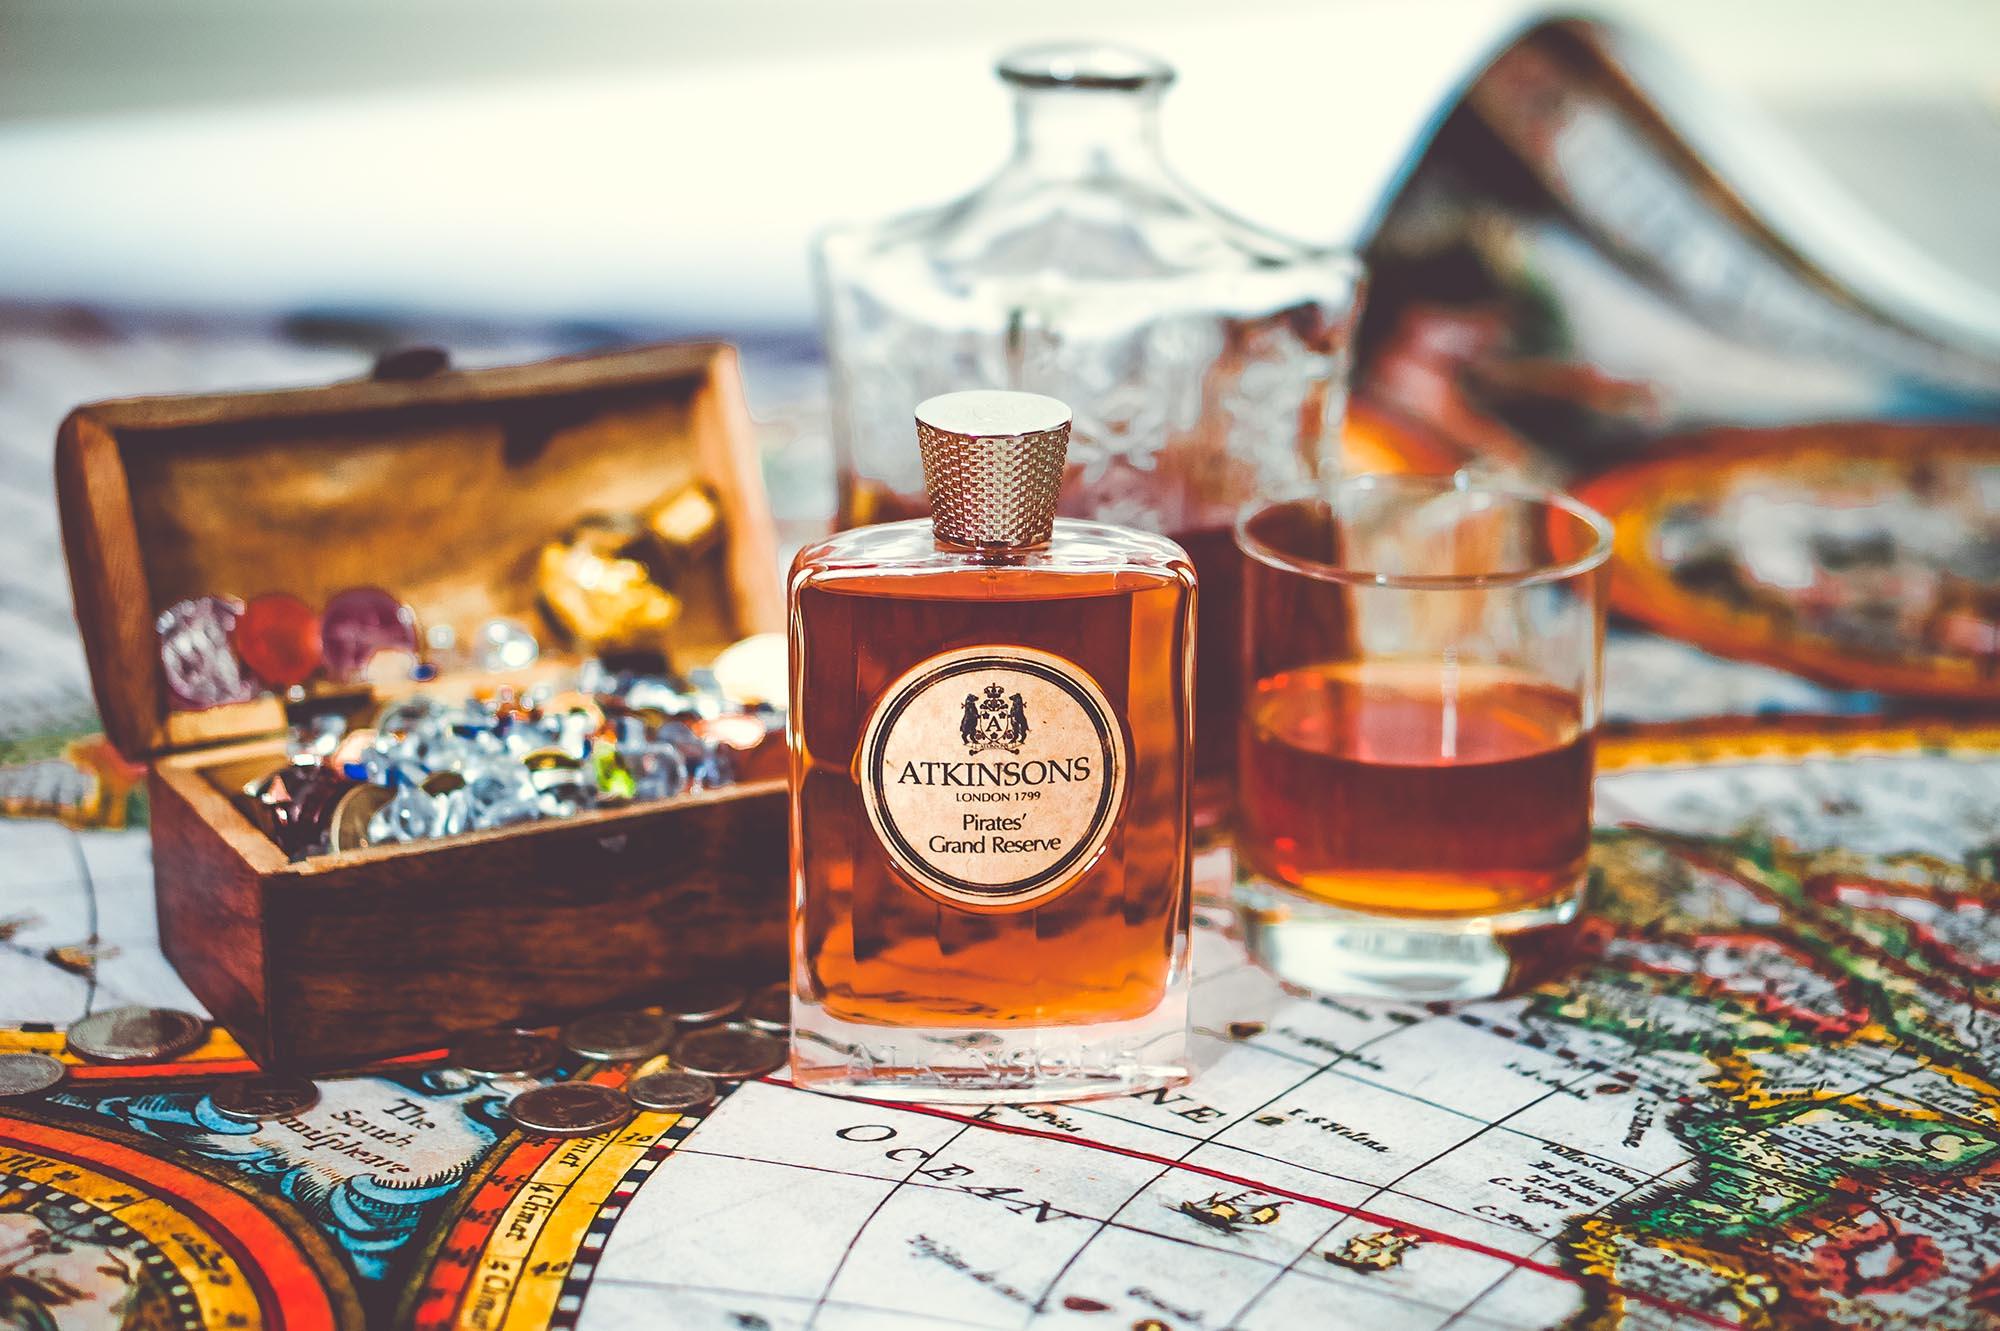 Пираты, ром и один из любимых парфюмов: Atkinsons Pirates' Grand Reserve